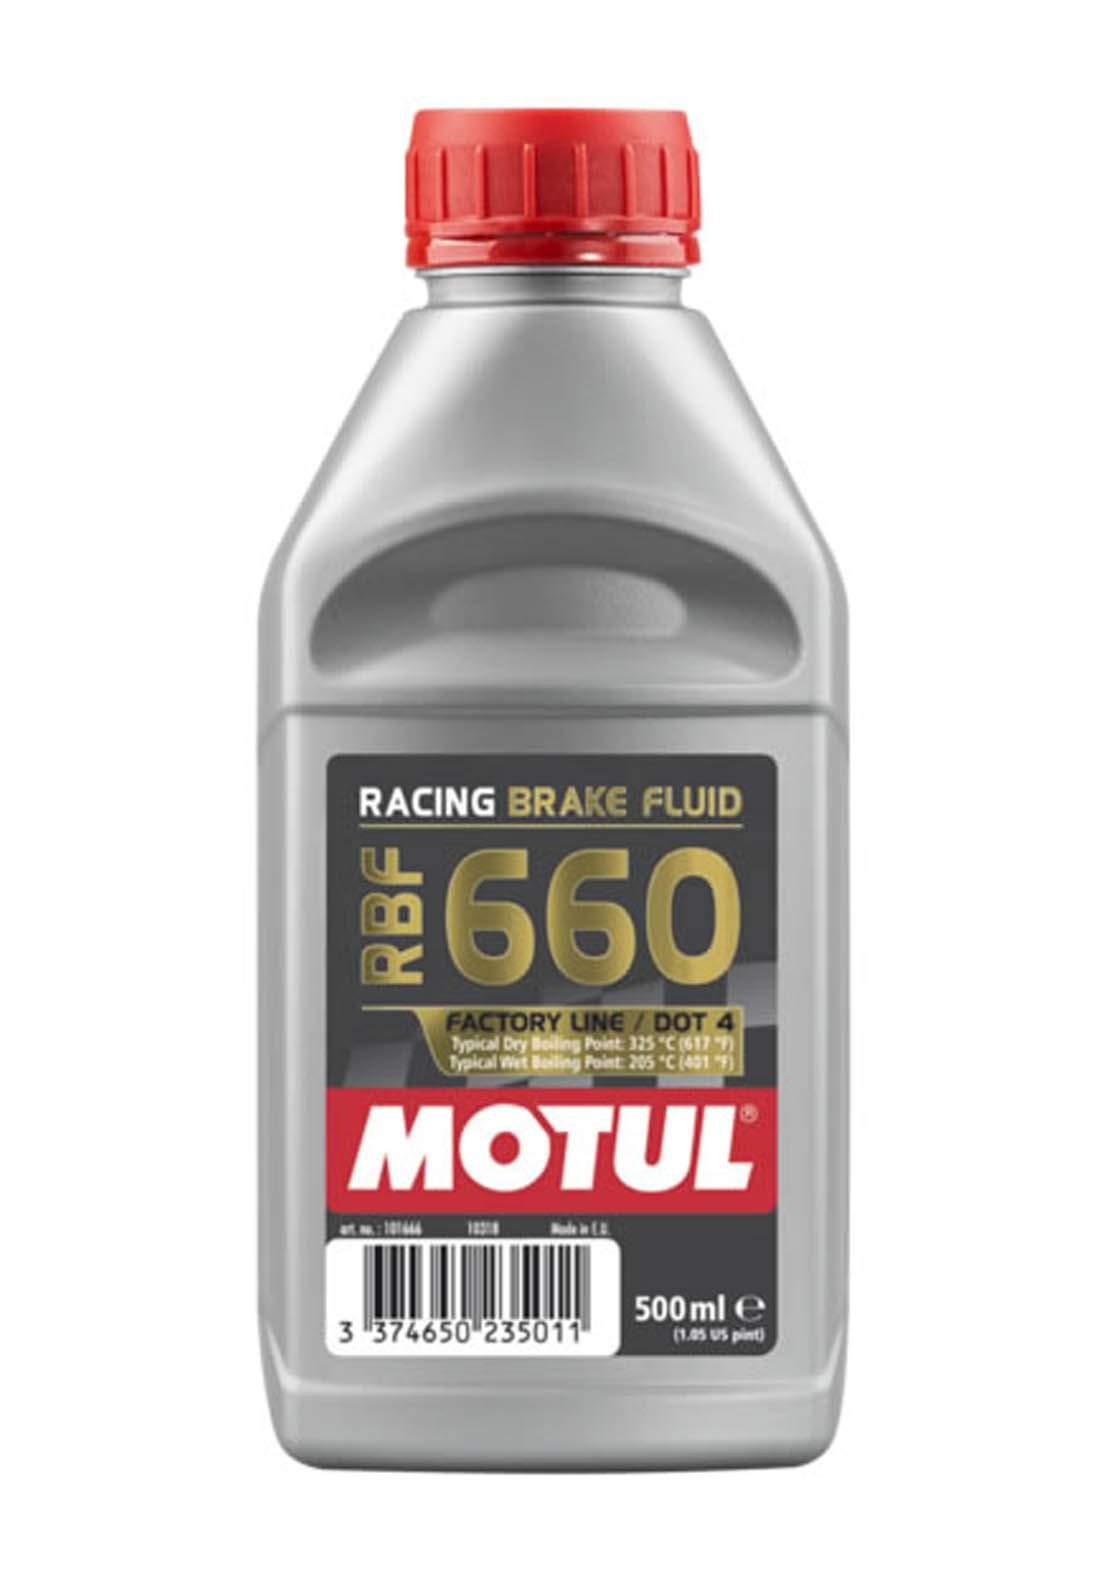 Motul Dot4 660 Brake Fluid  Fully Synthetic 500 ml زيت للفرامل